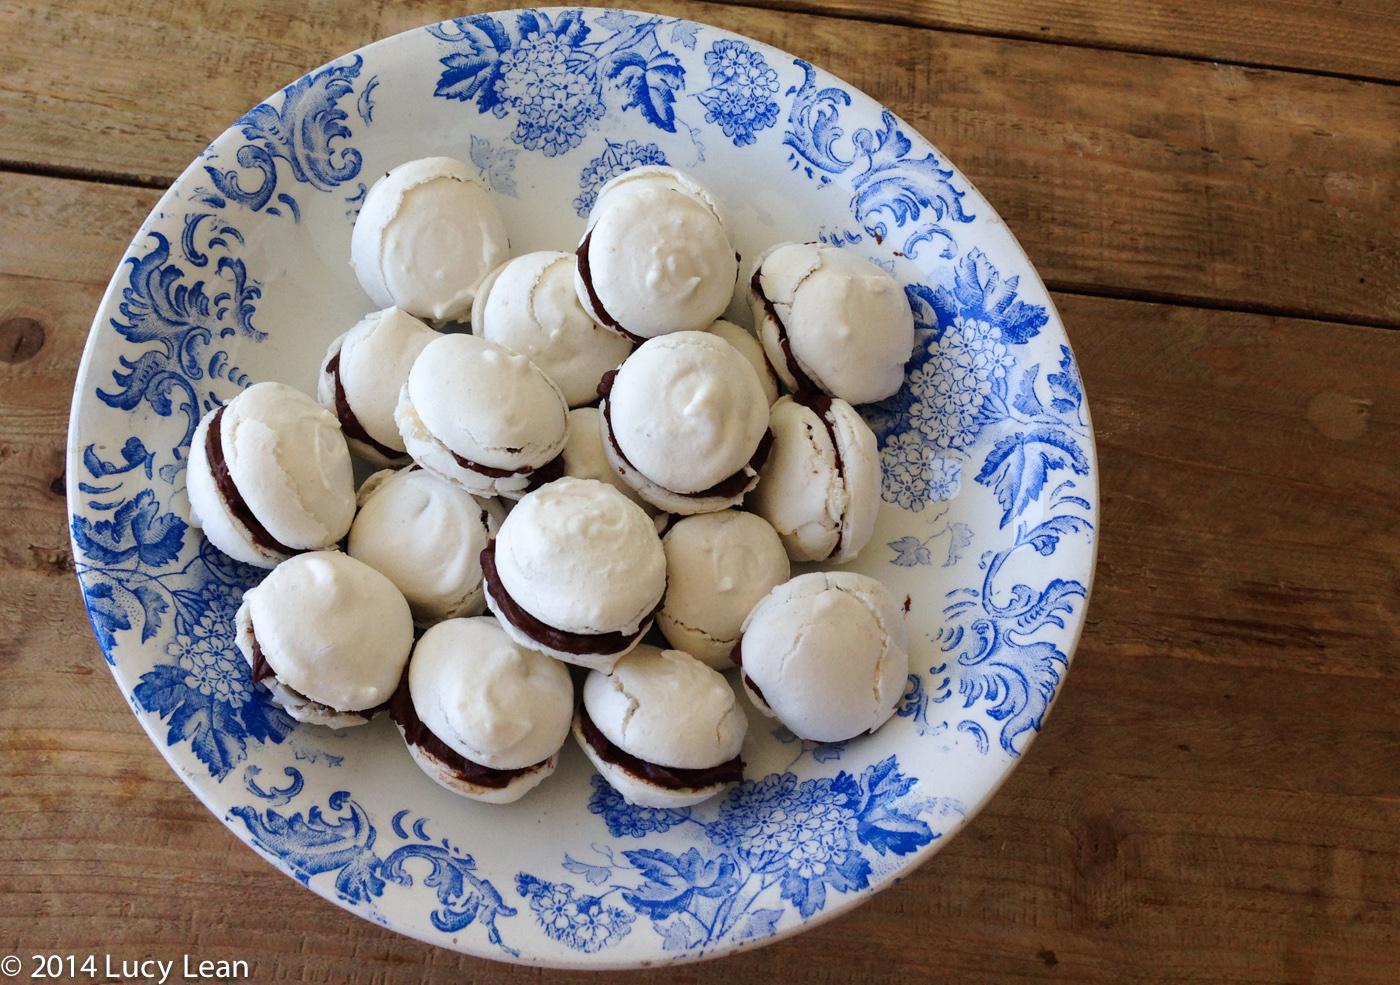 macarons on cake plate